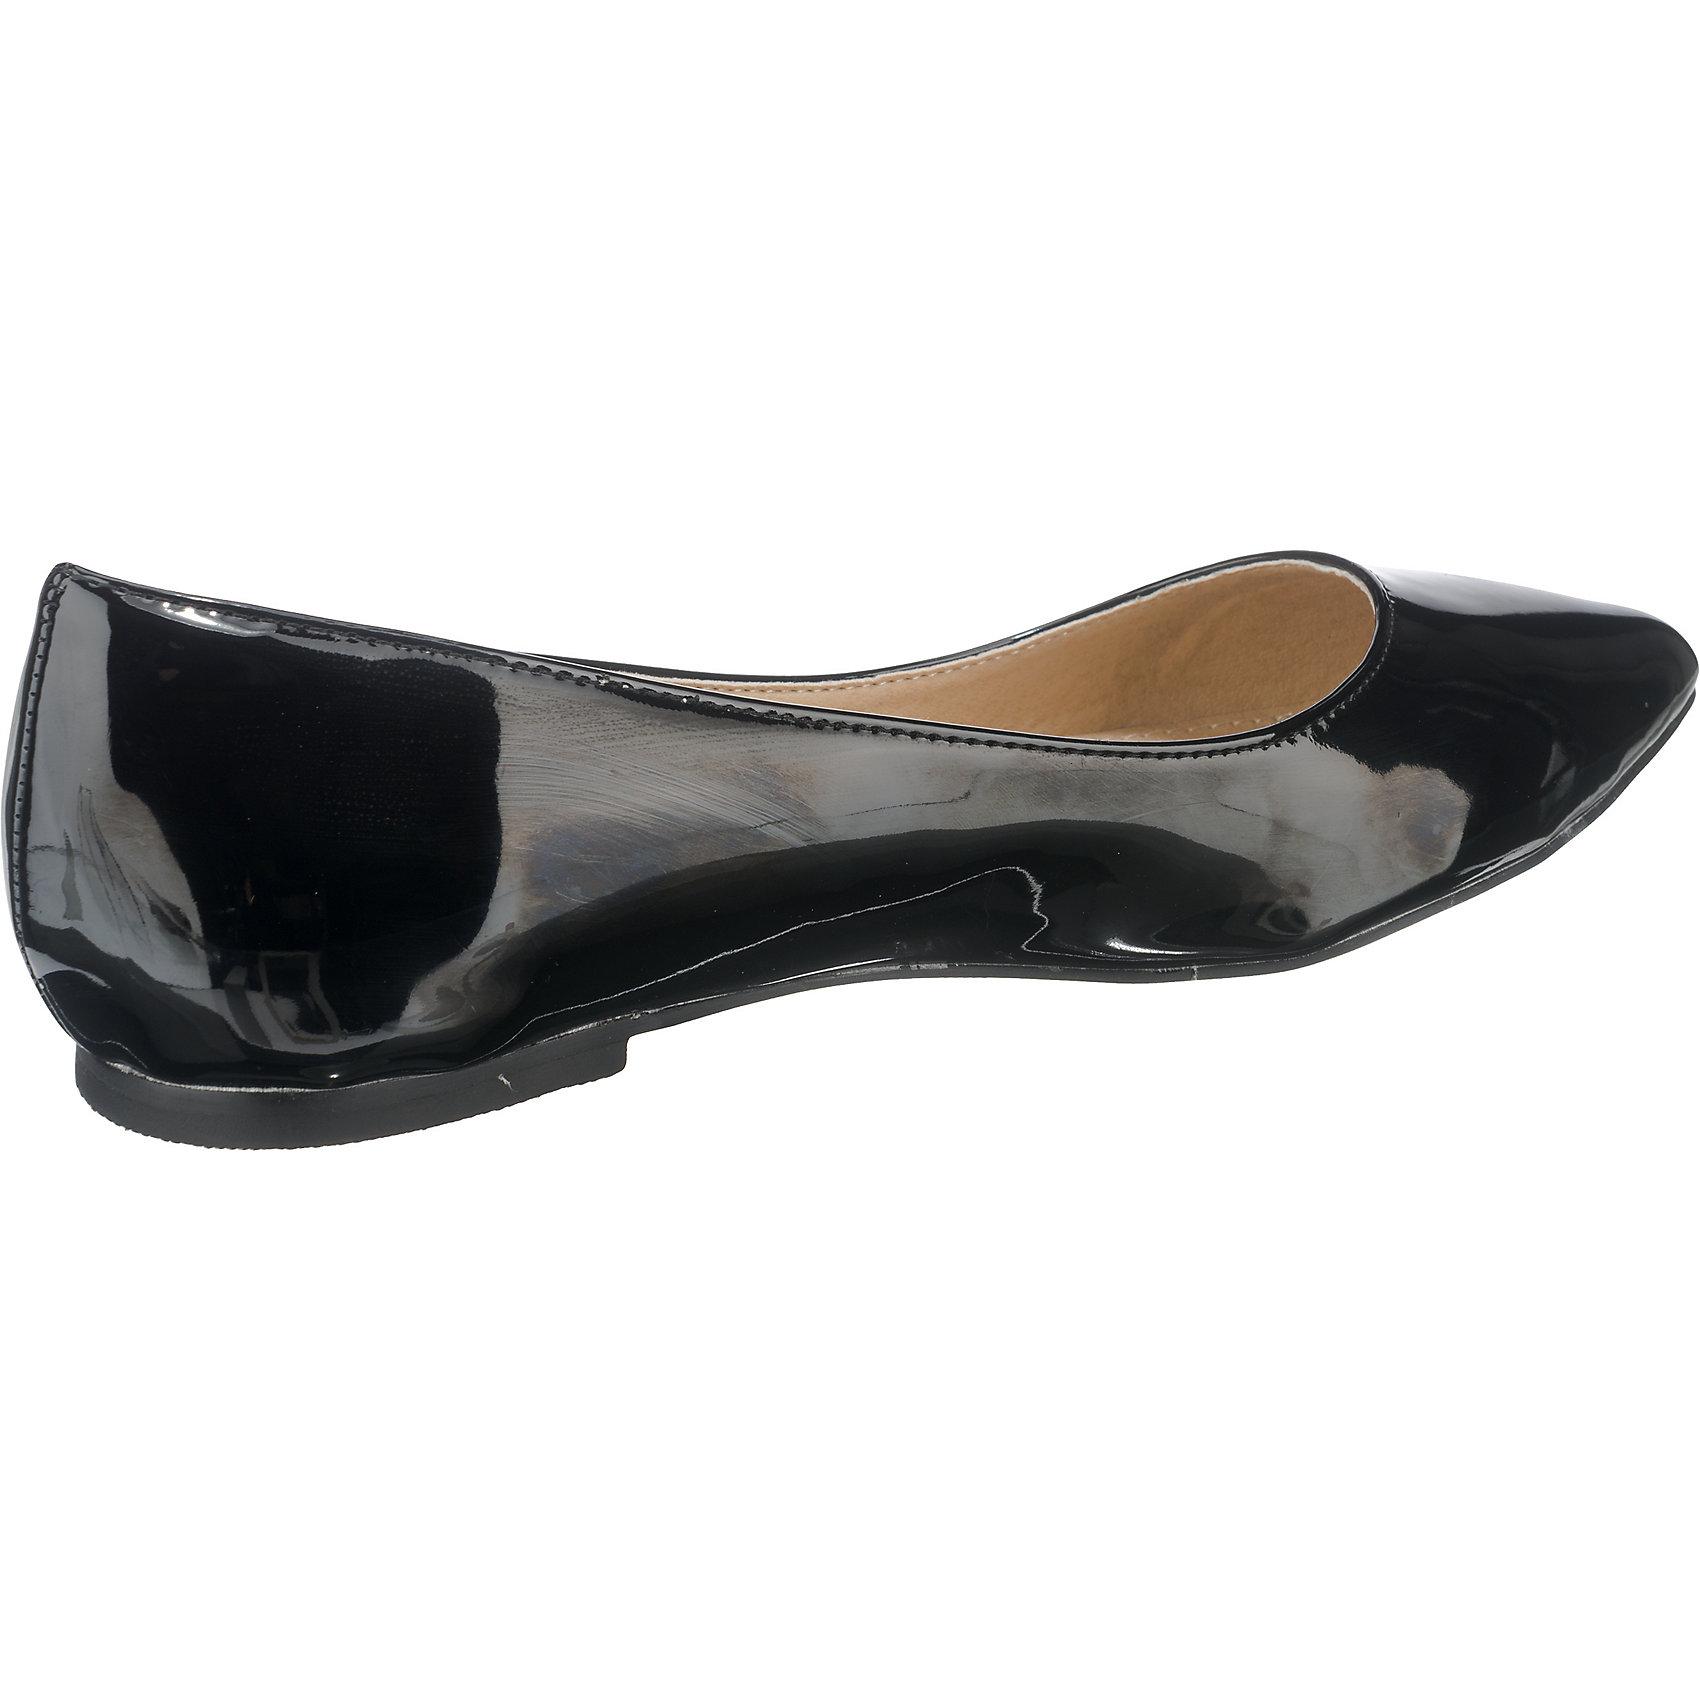 Neu BUFFALO Damen Klassische Ballerinas 5770818 für Damen BUFFALO schwarz rot 4d7b07